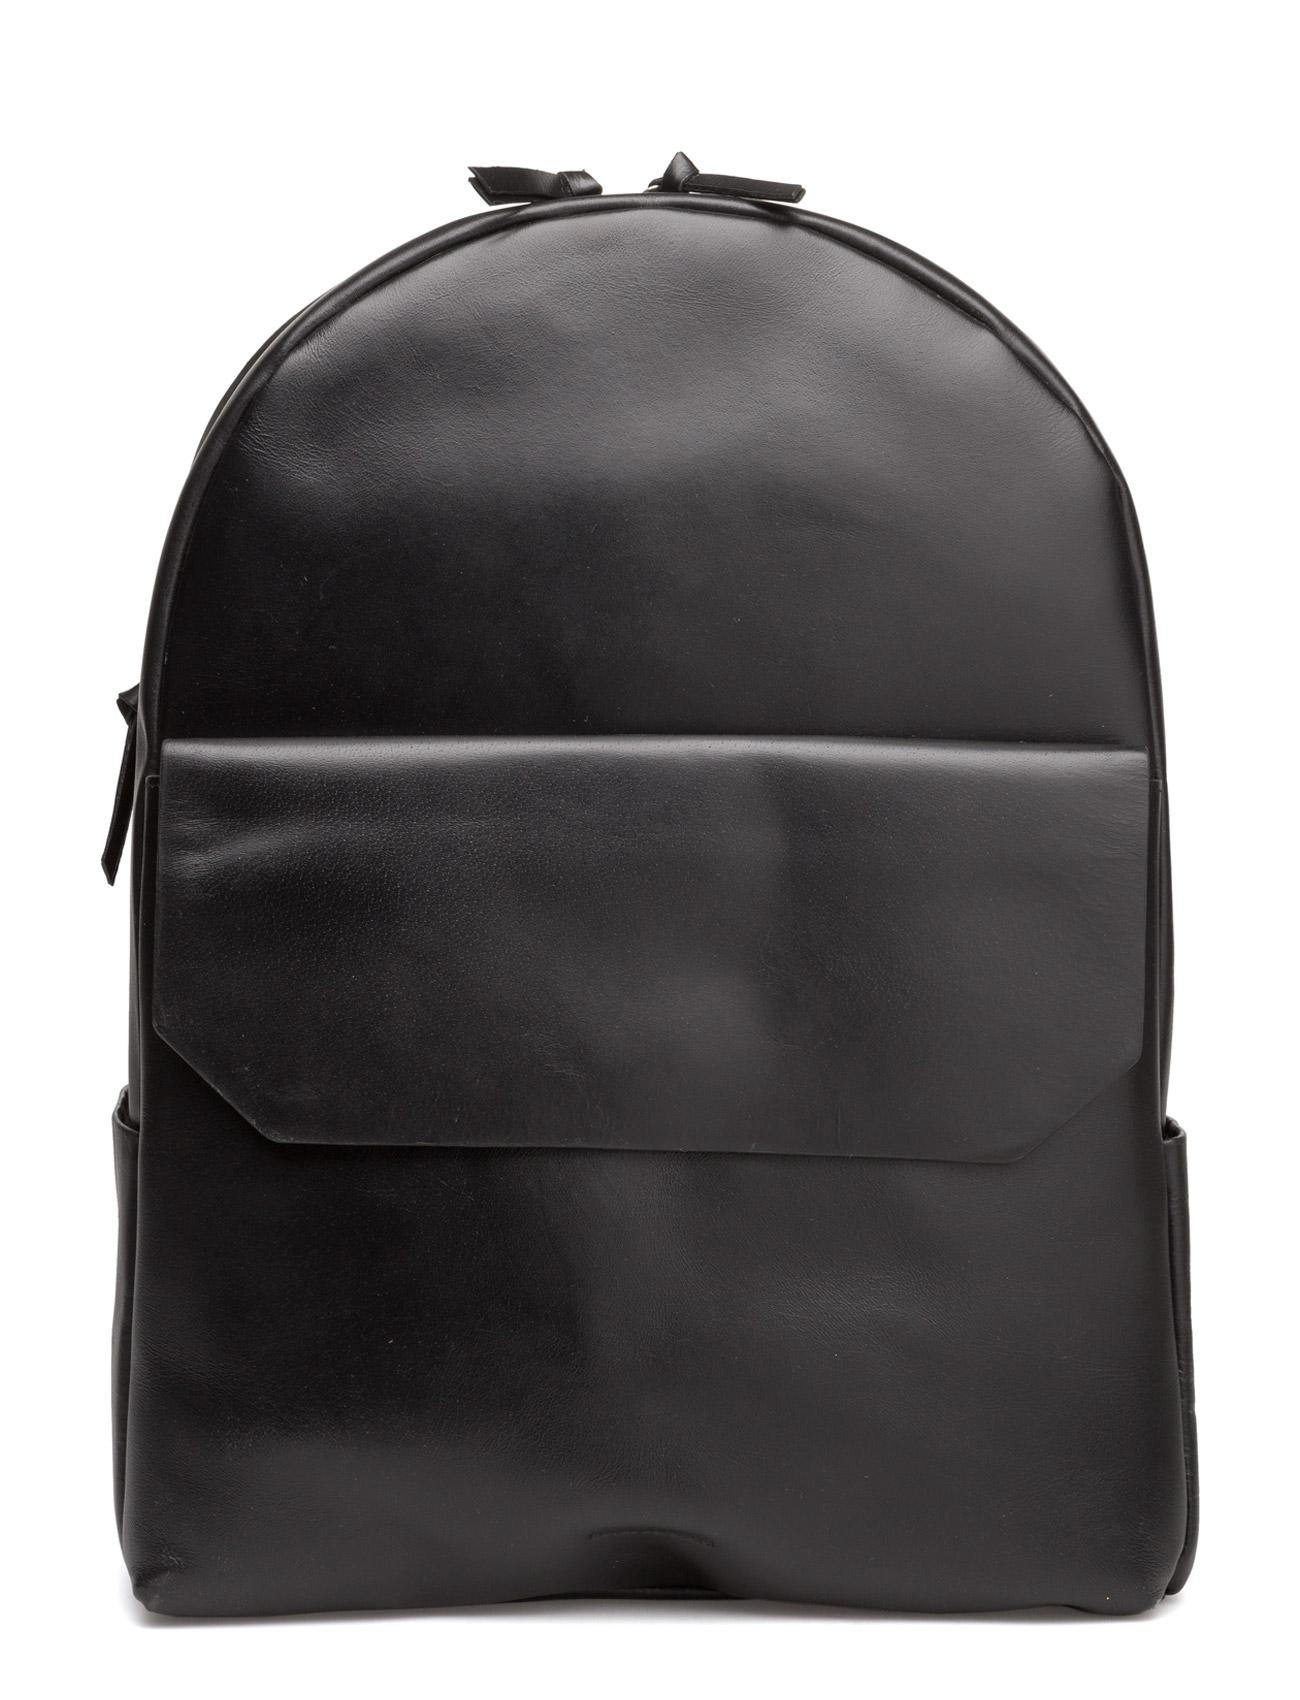 New Courier Backpack Royal RepubliQ Rygsække til Herrer i Sort